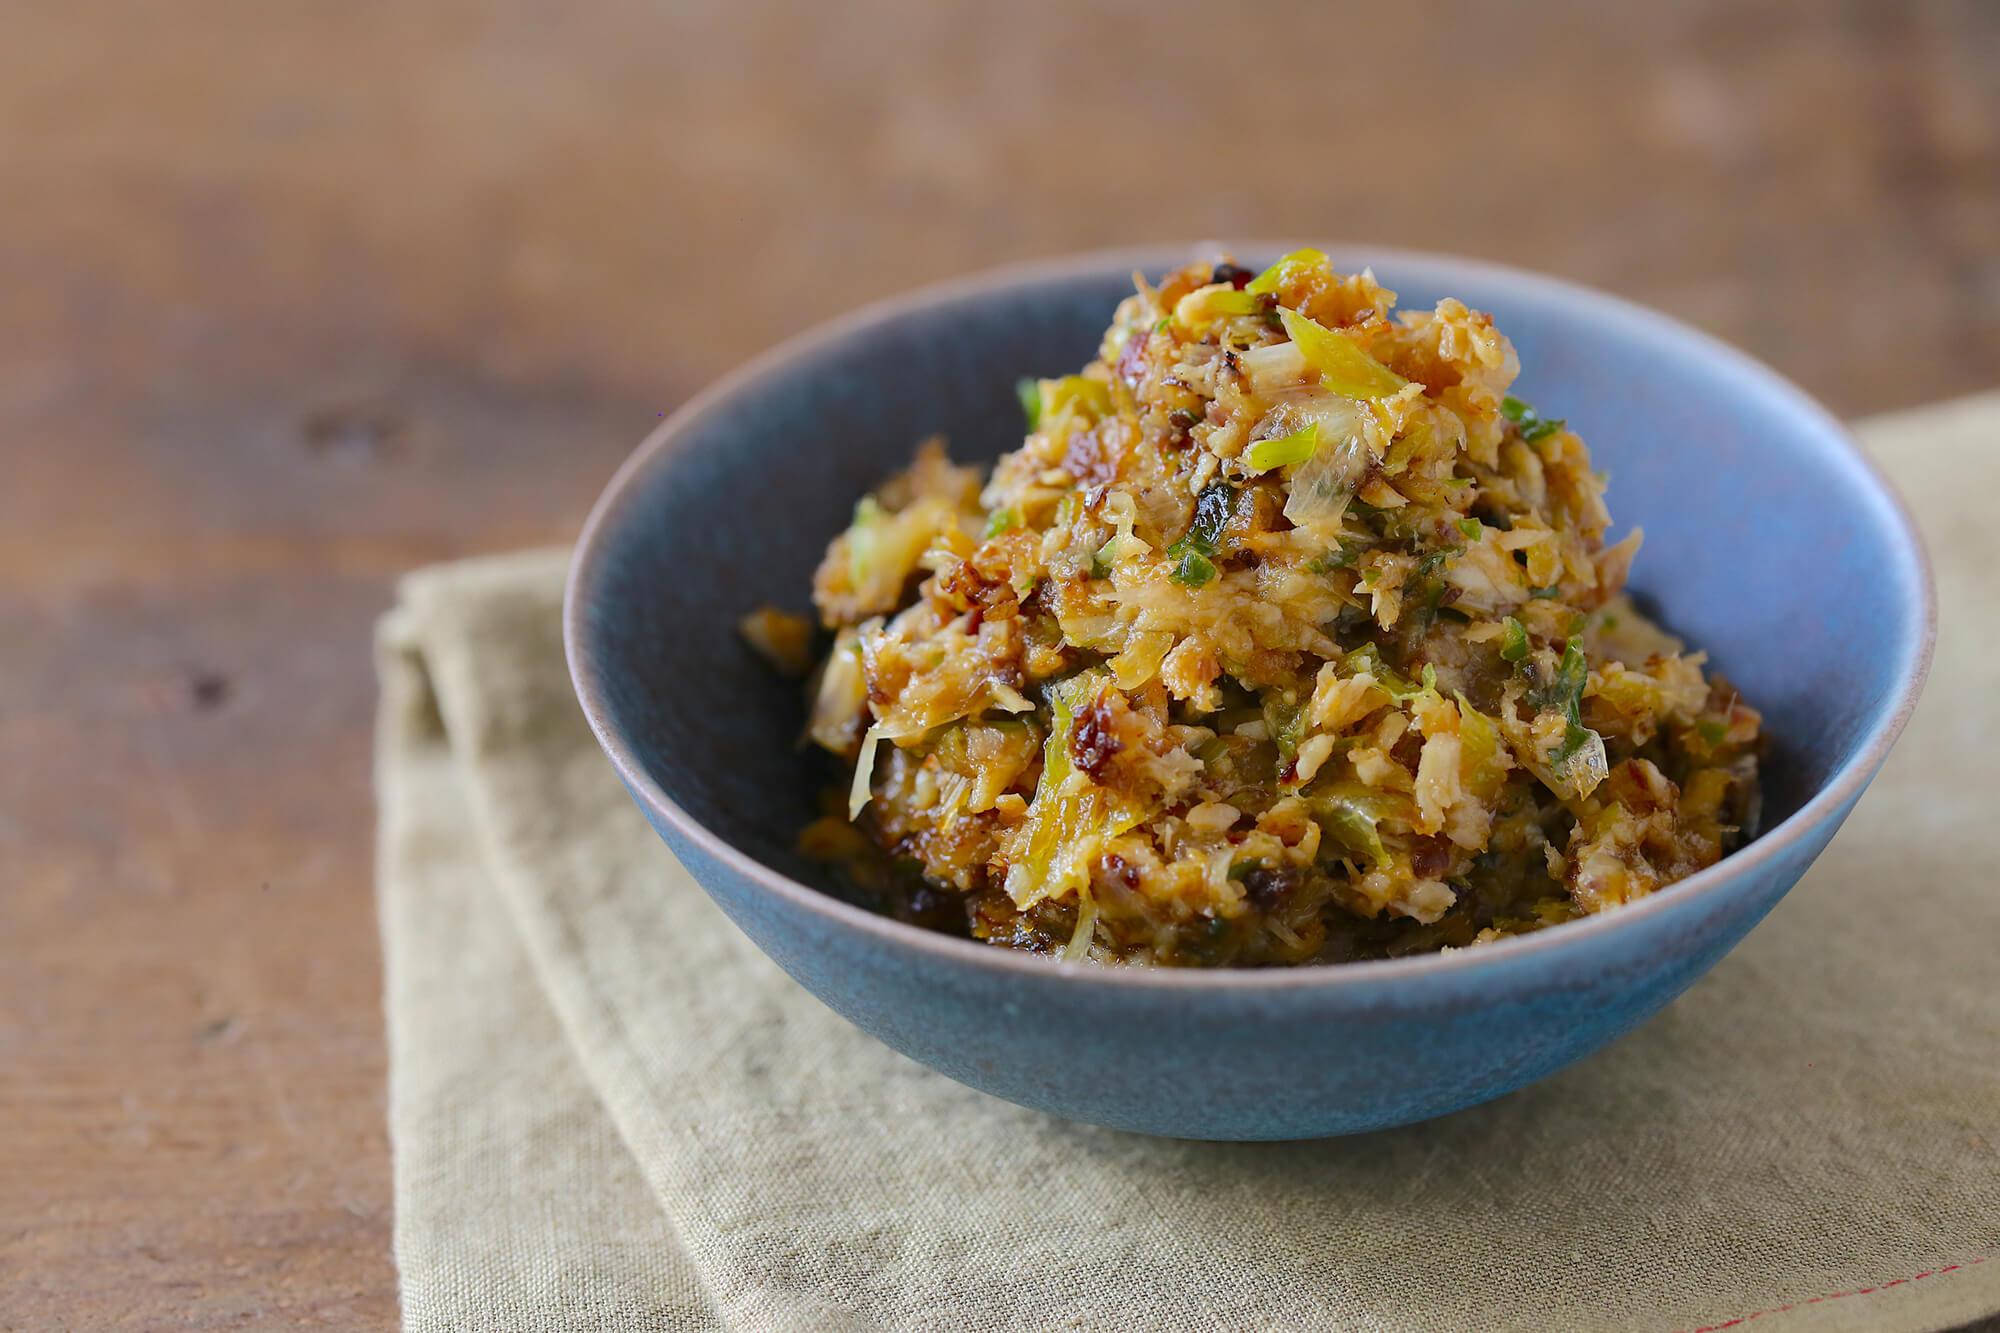 フードプロデューサー河瀬璃菜が考案「ブリのネギ味噌」!冬の食材で作るお米にぴったりなおかずレシピ